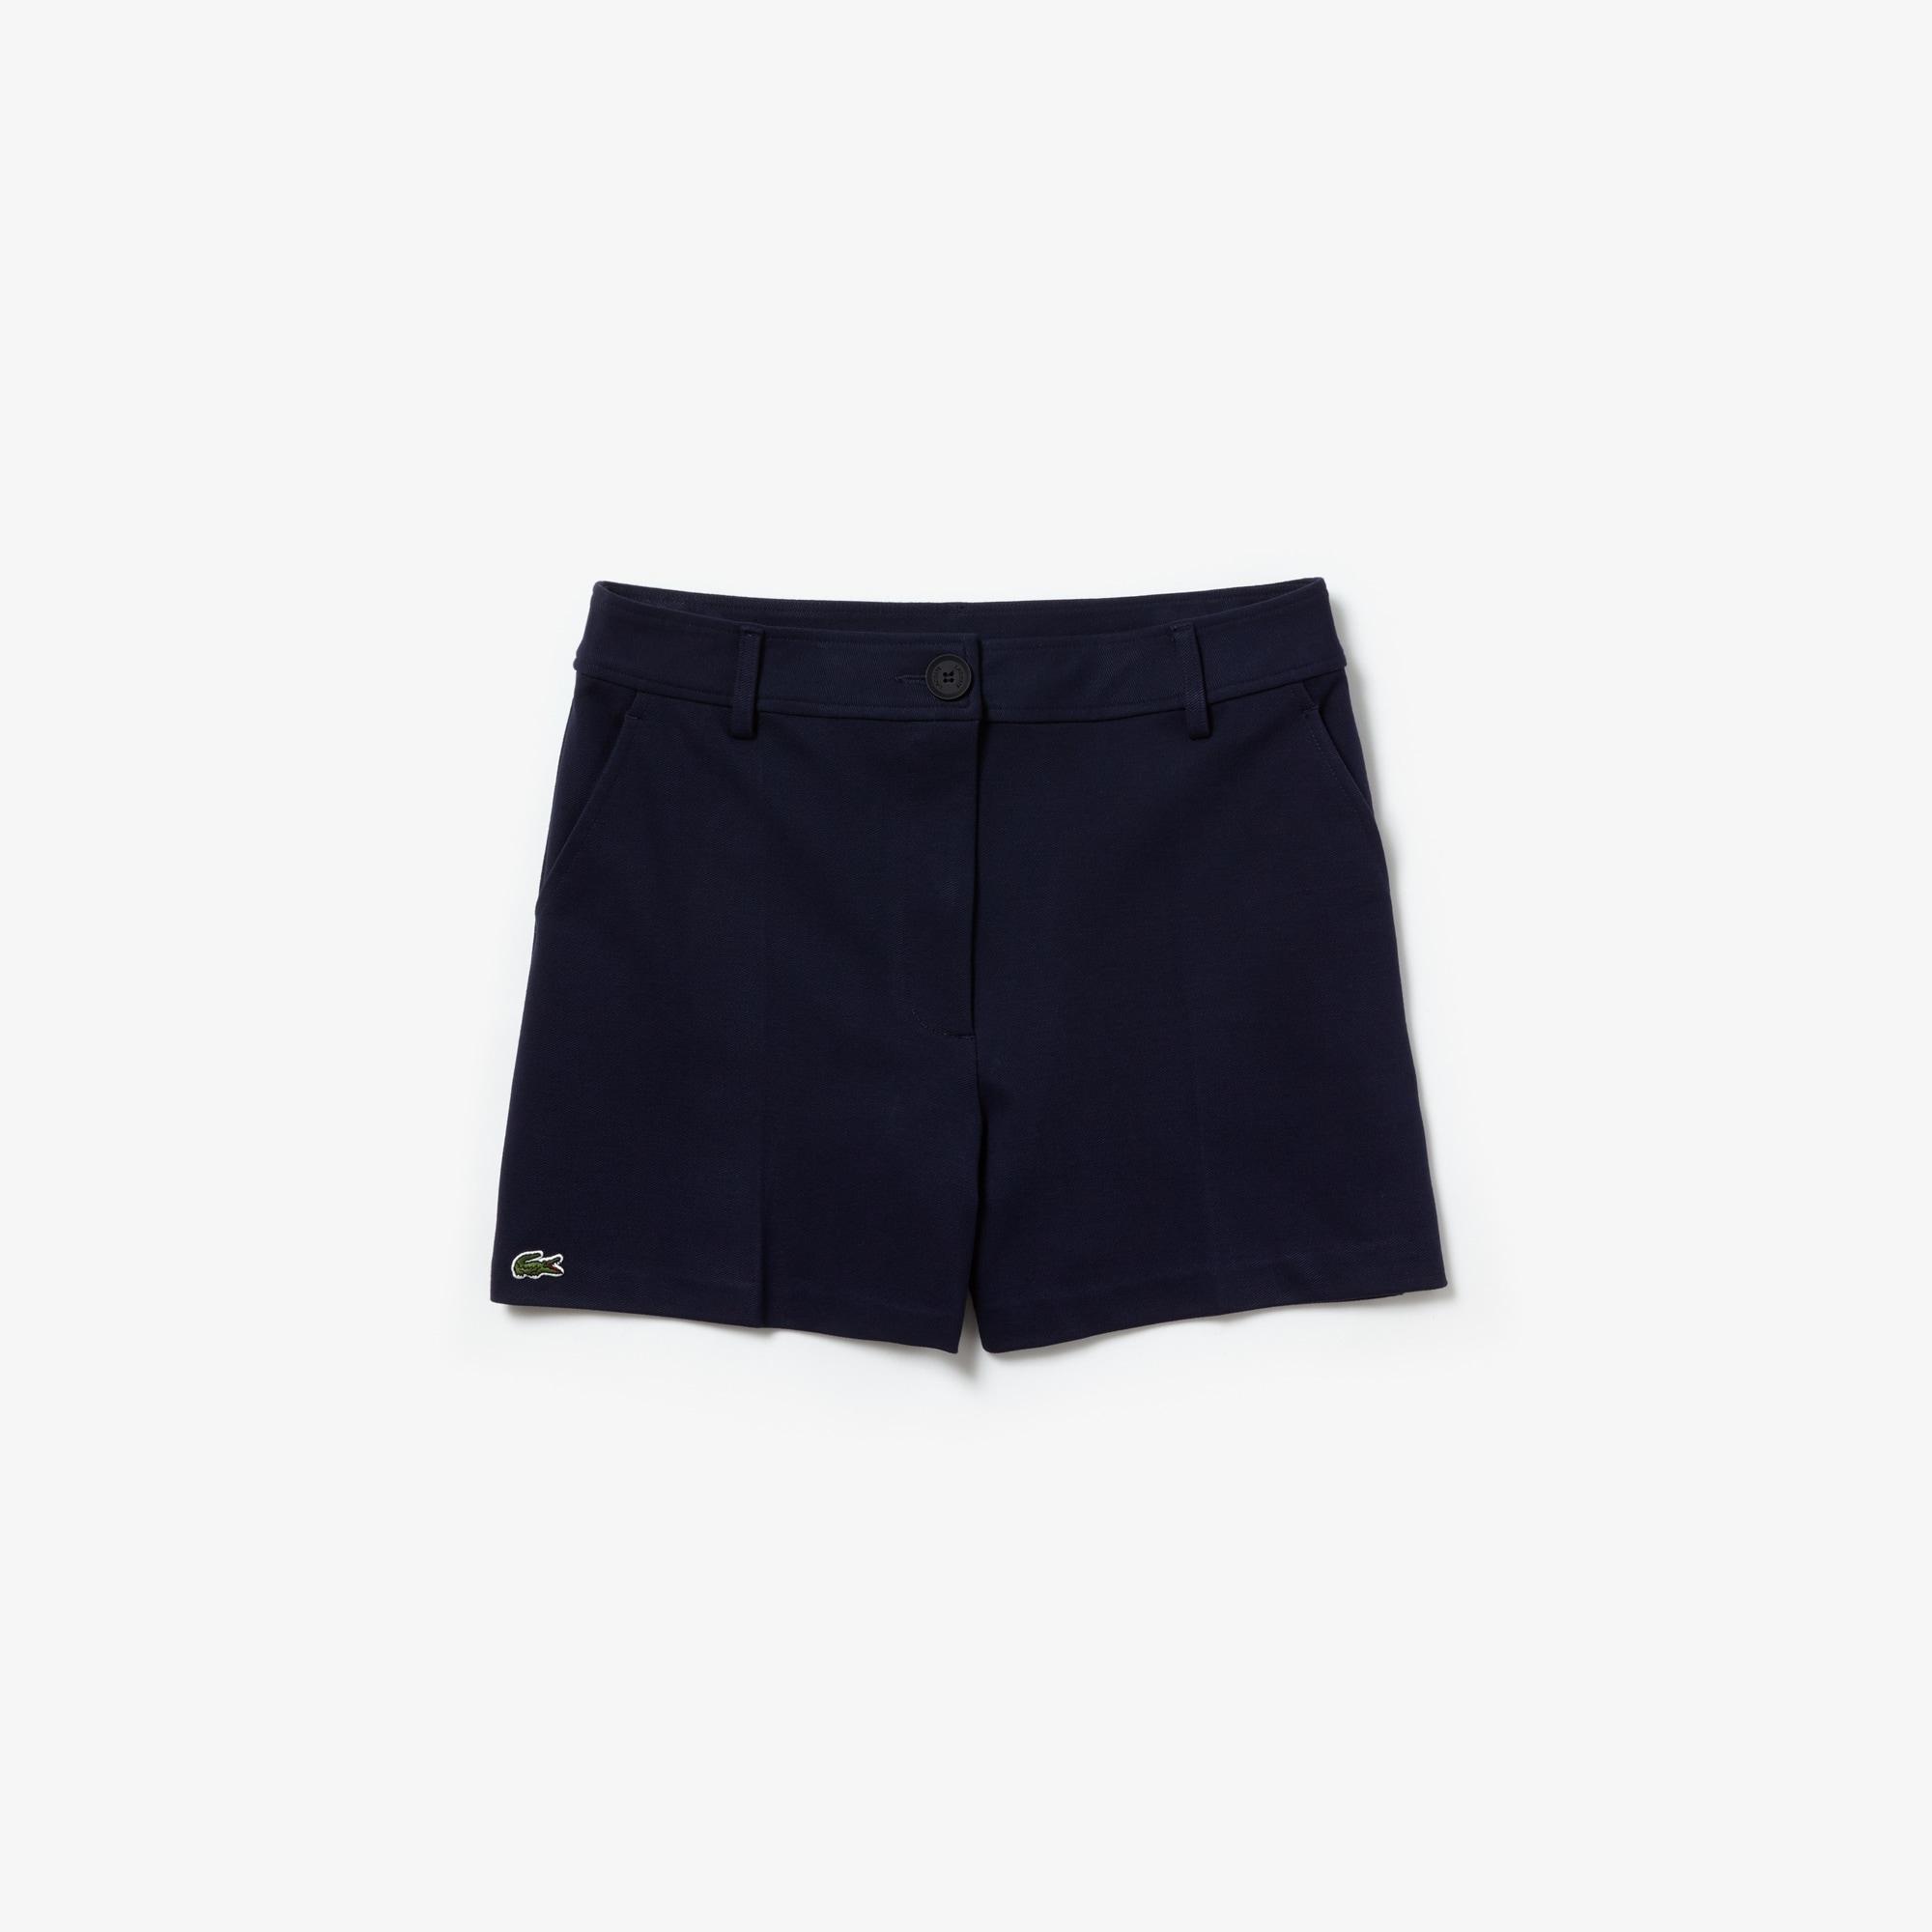 라코스테 Lacoste Womens Pleated Technical Knit Shorts,Navy Blue - 166 (Selected color)